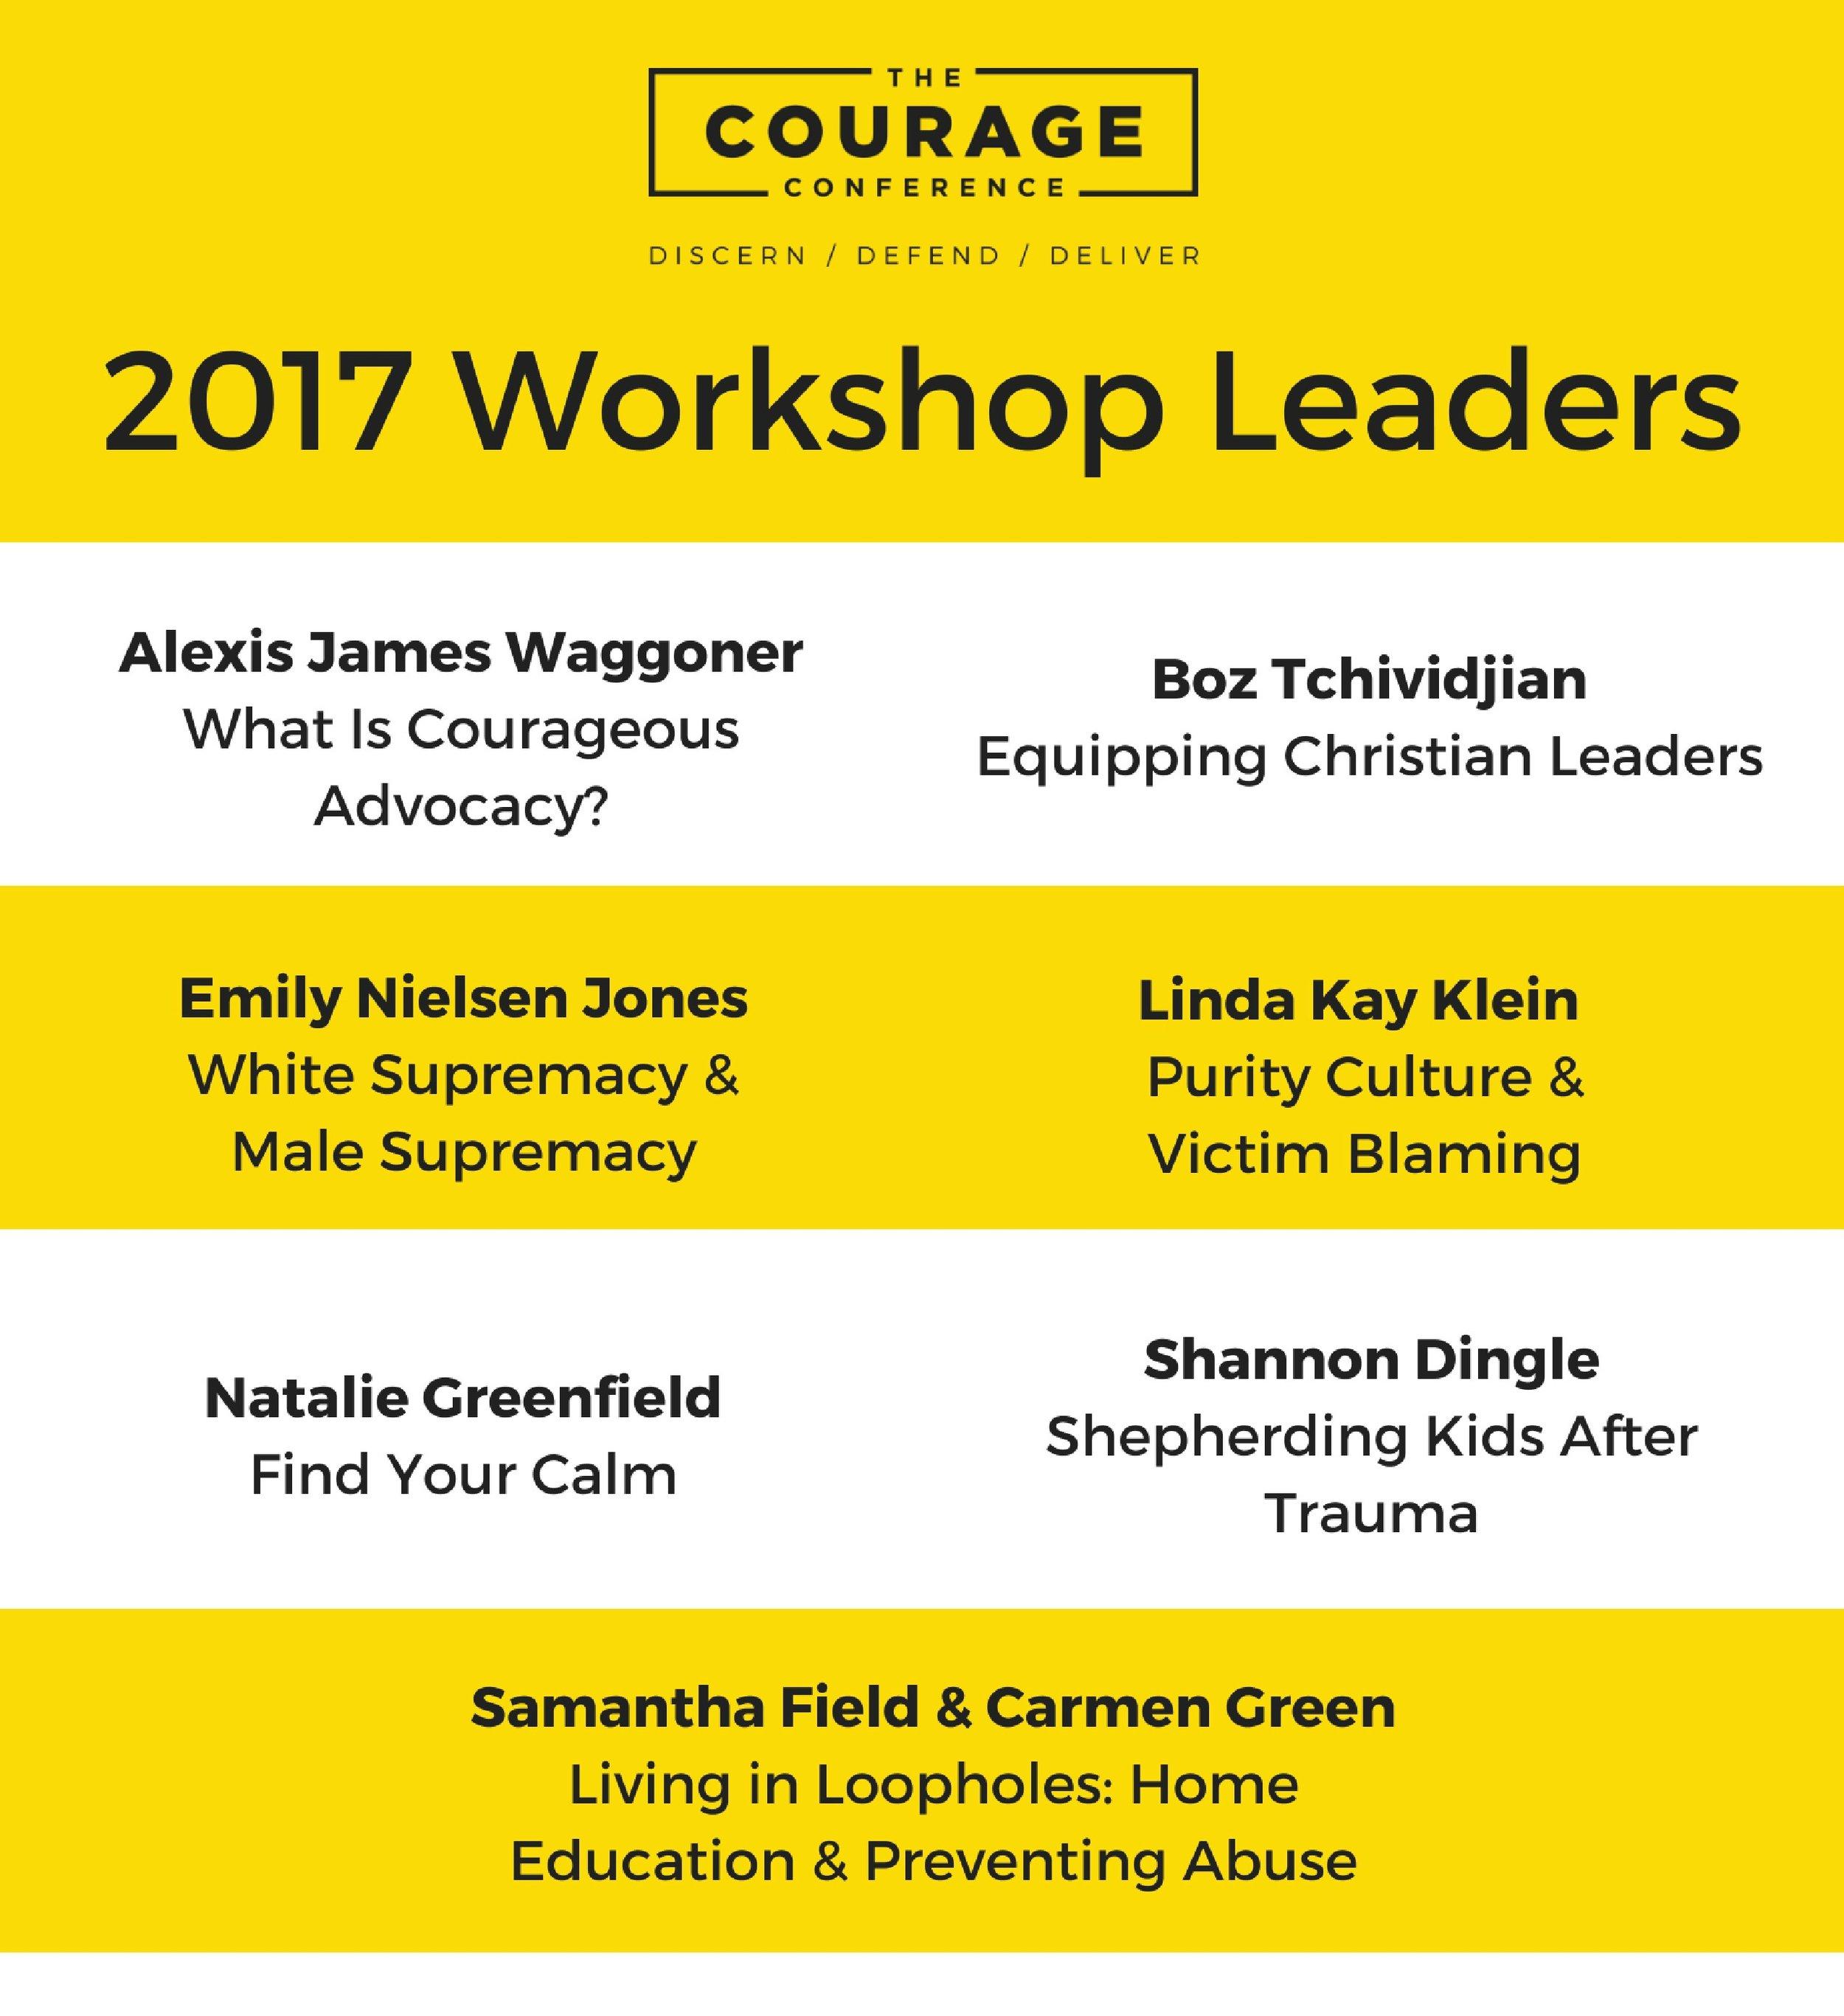 2017 Workshop Leaders.jpg